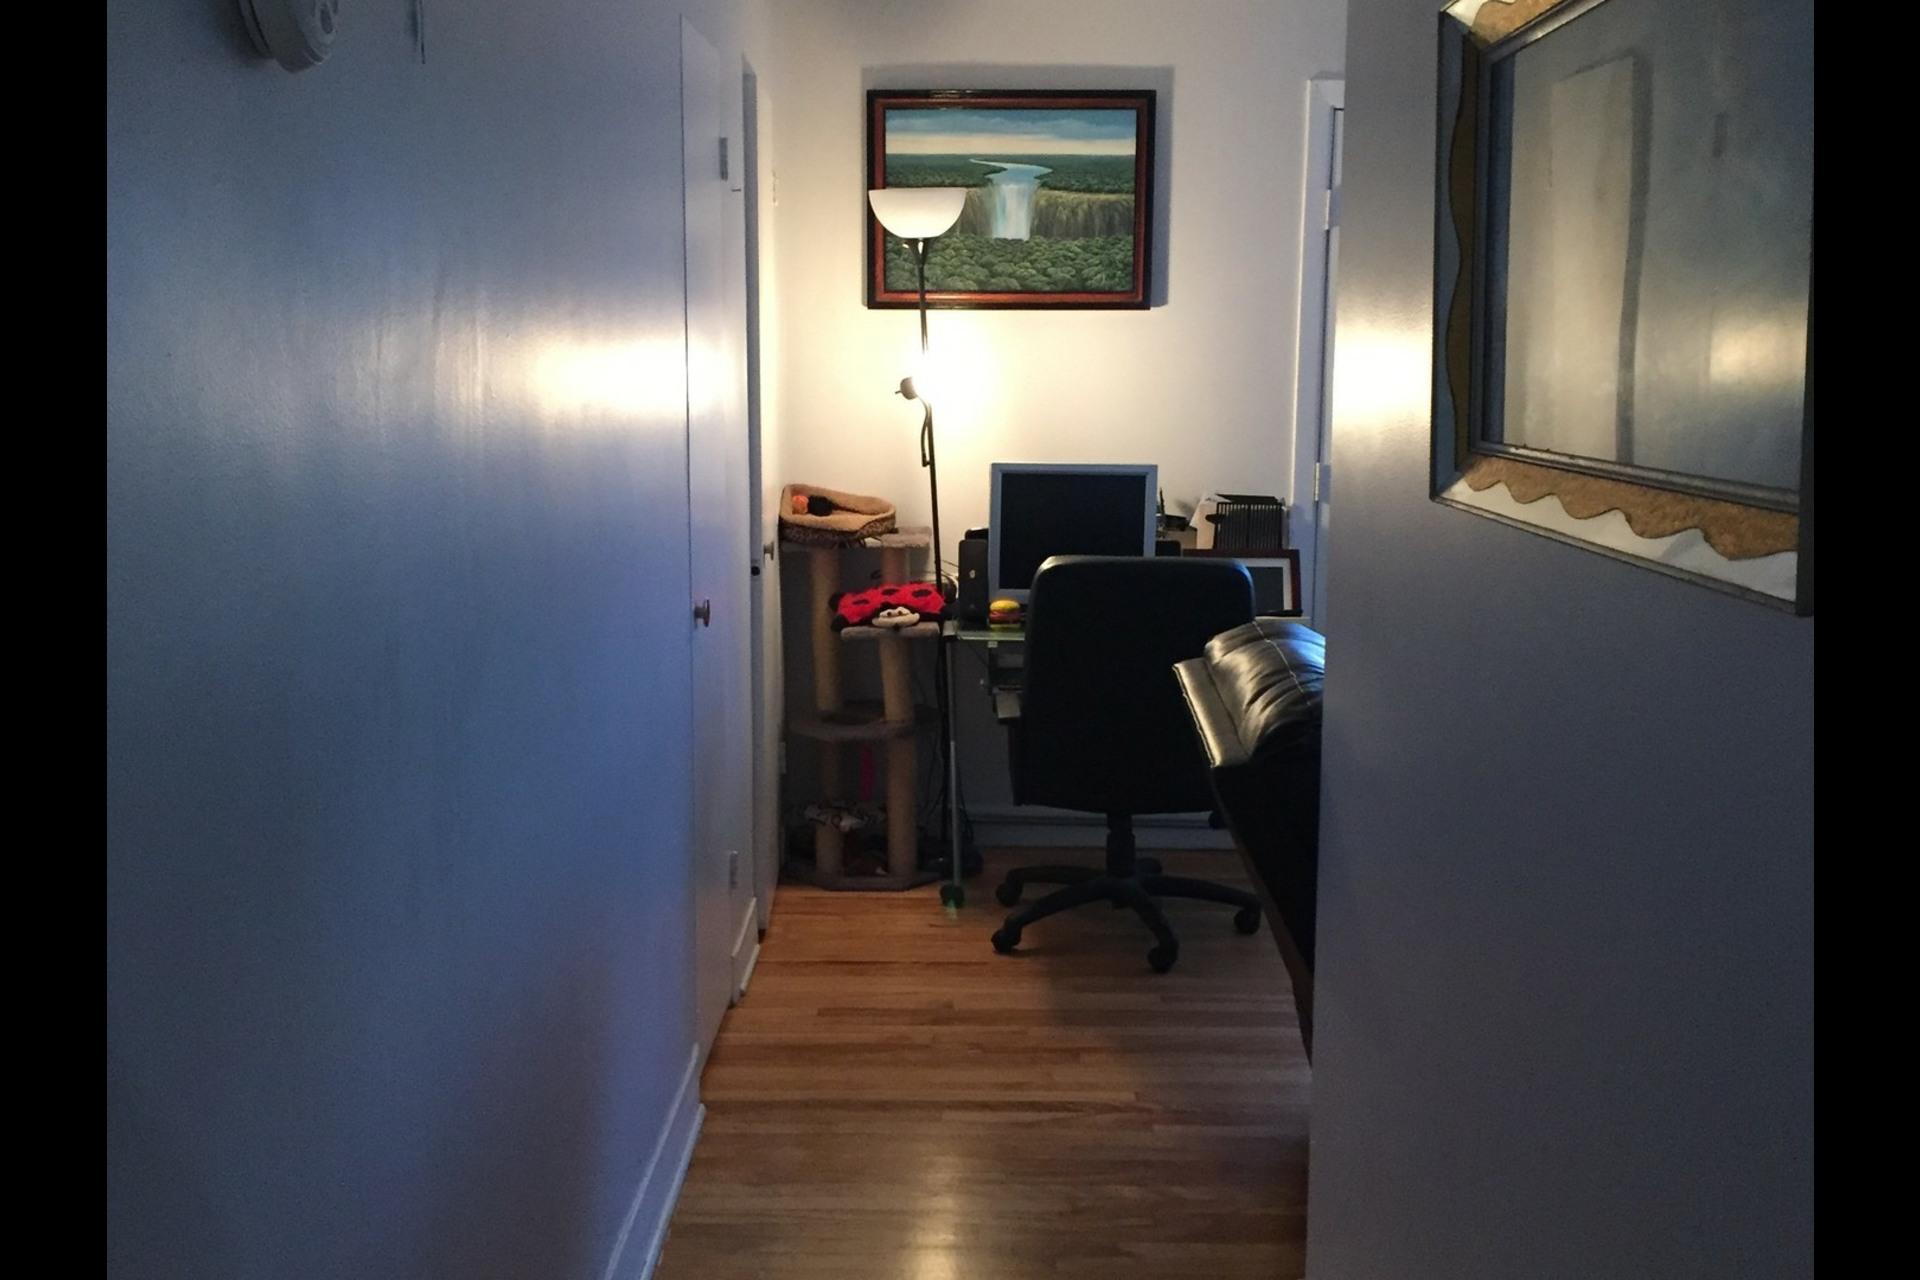 image 7 - Appartement À louer Montréal Rosemont - 4 pièces